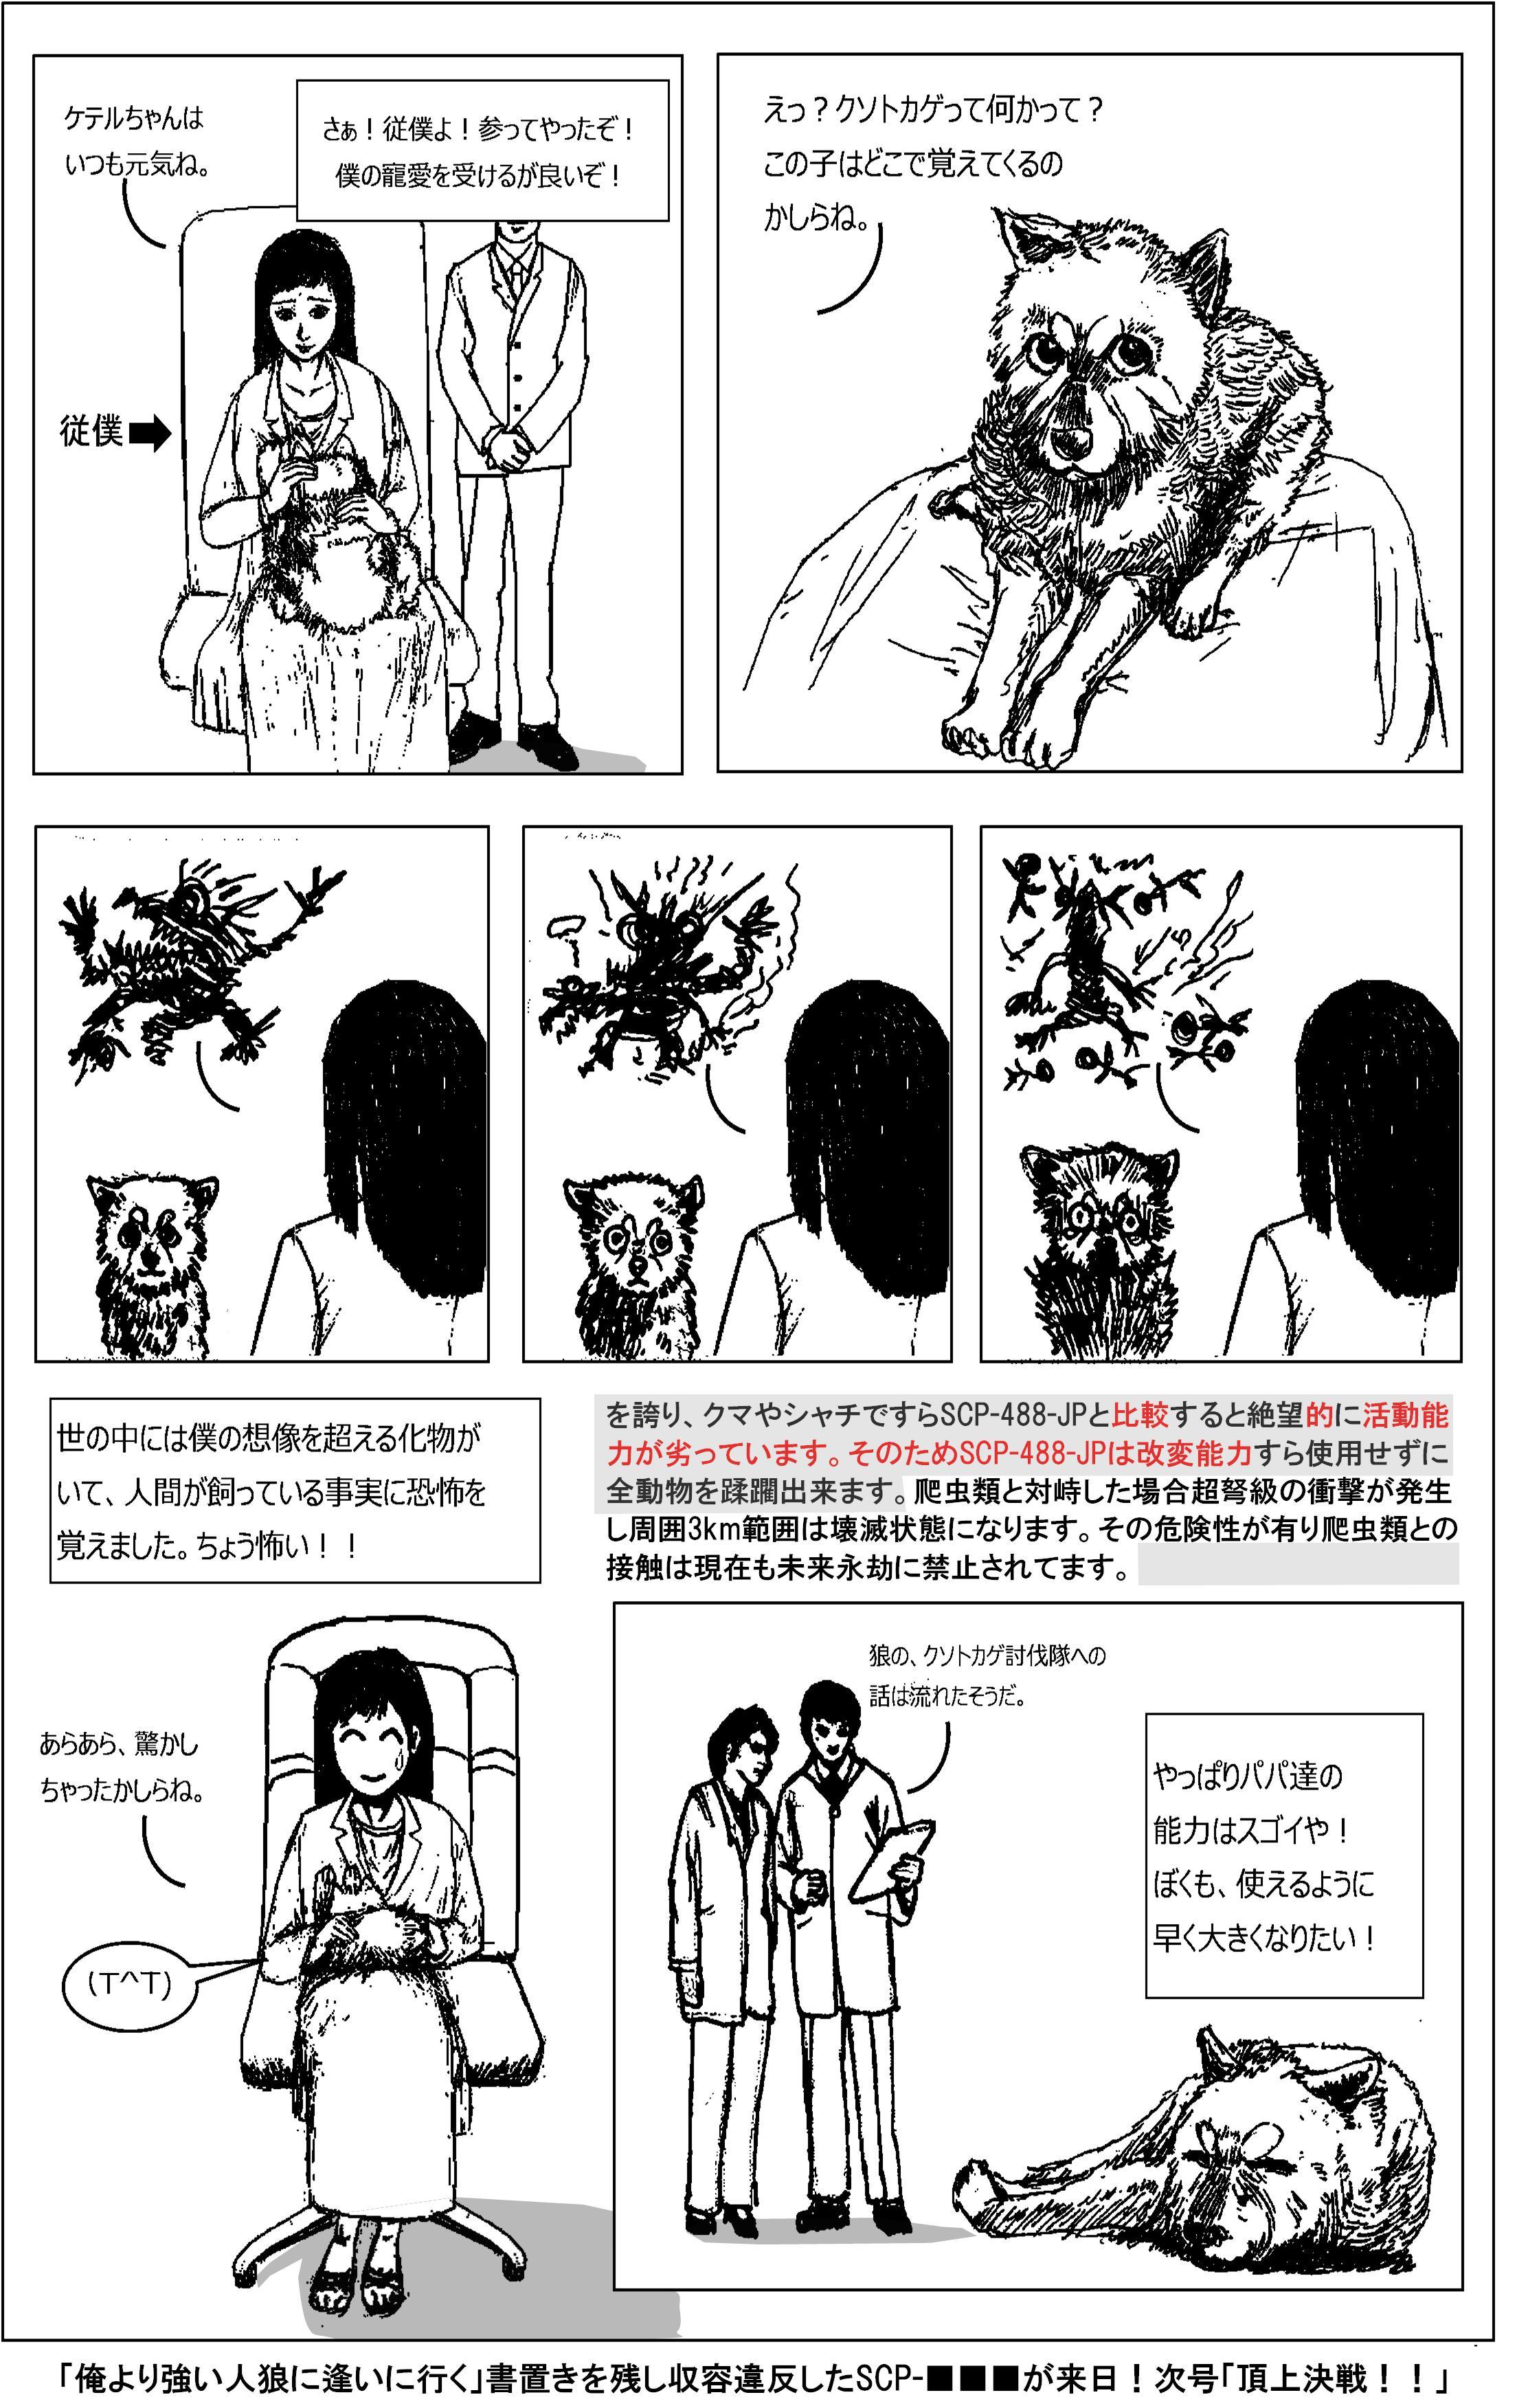 狼少年ケテル_2ページ.jpg